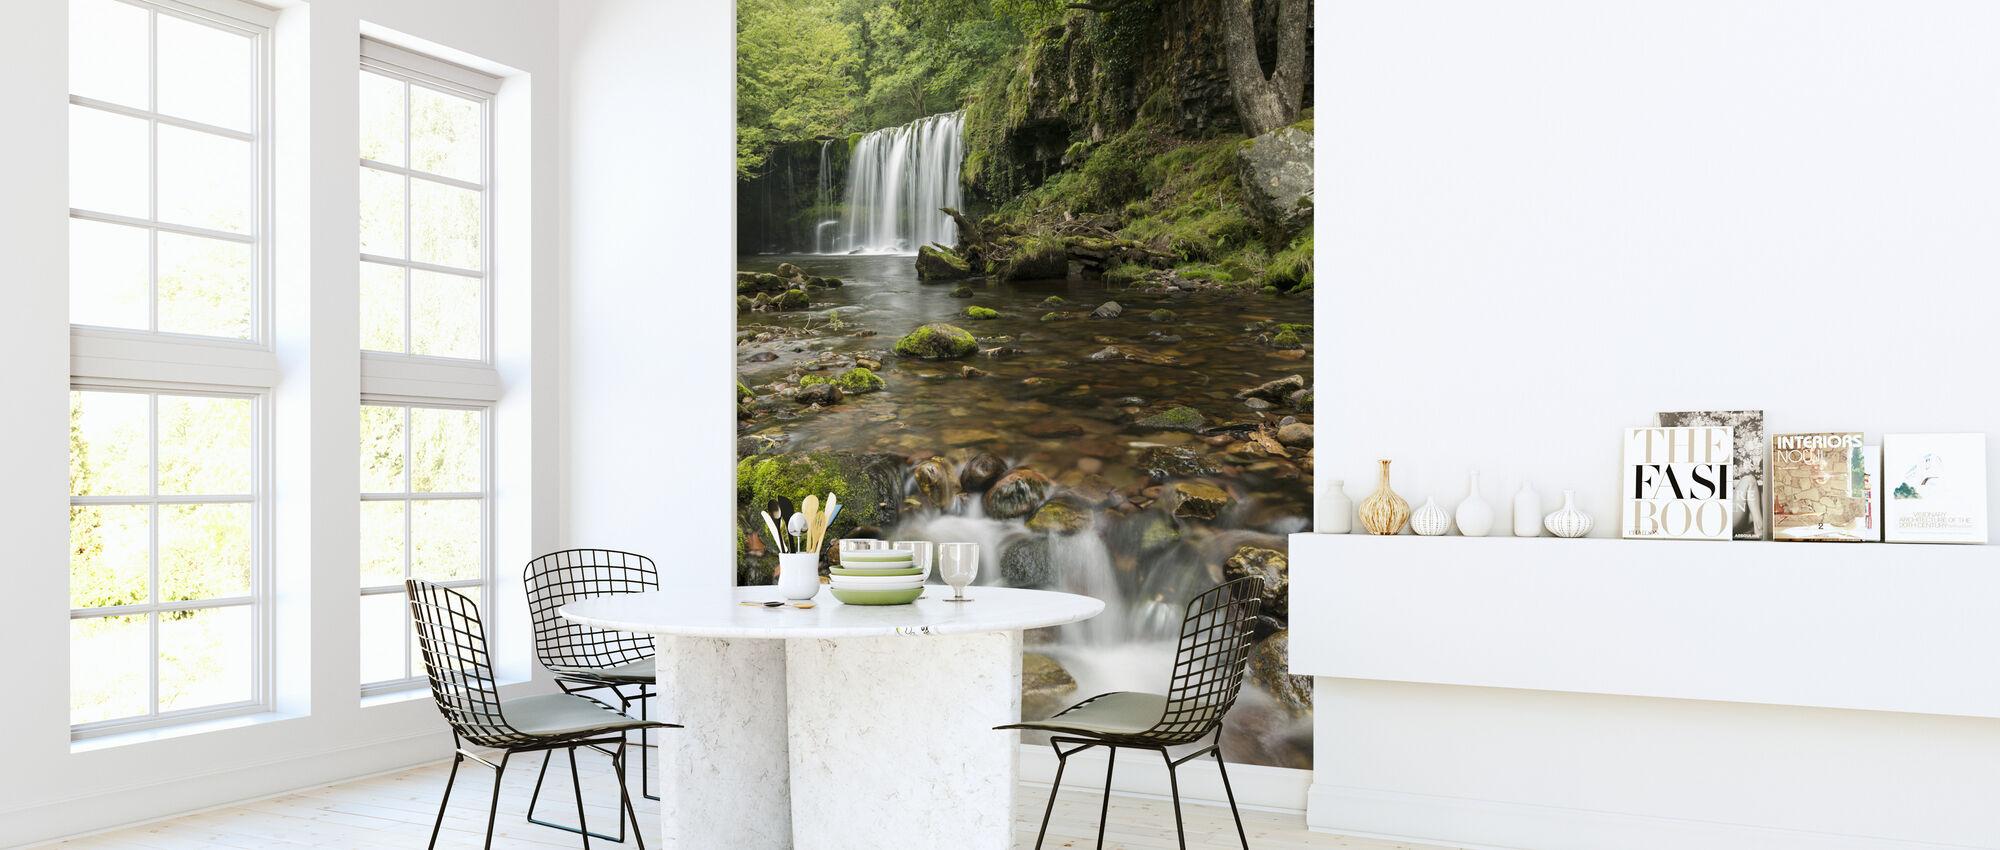 Clear Water Stream - Wallpaper - Kitchen